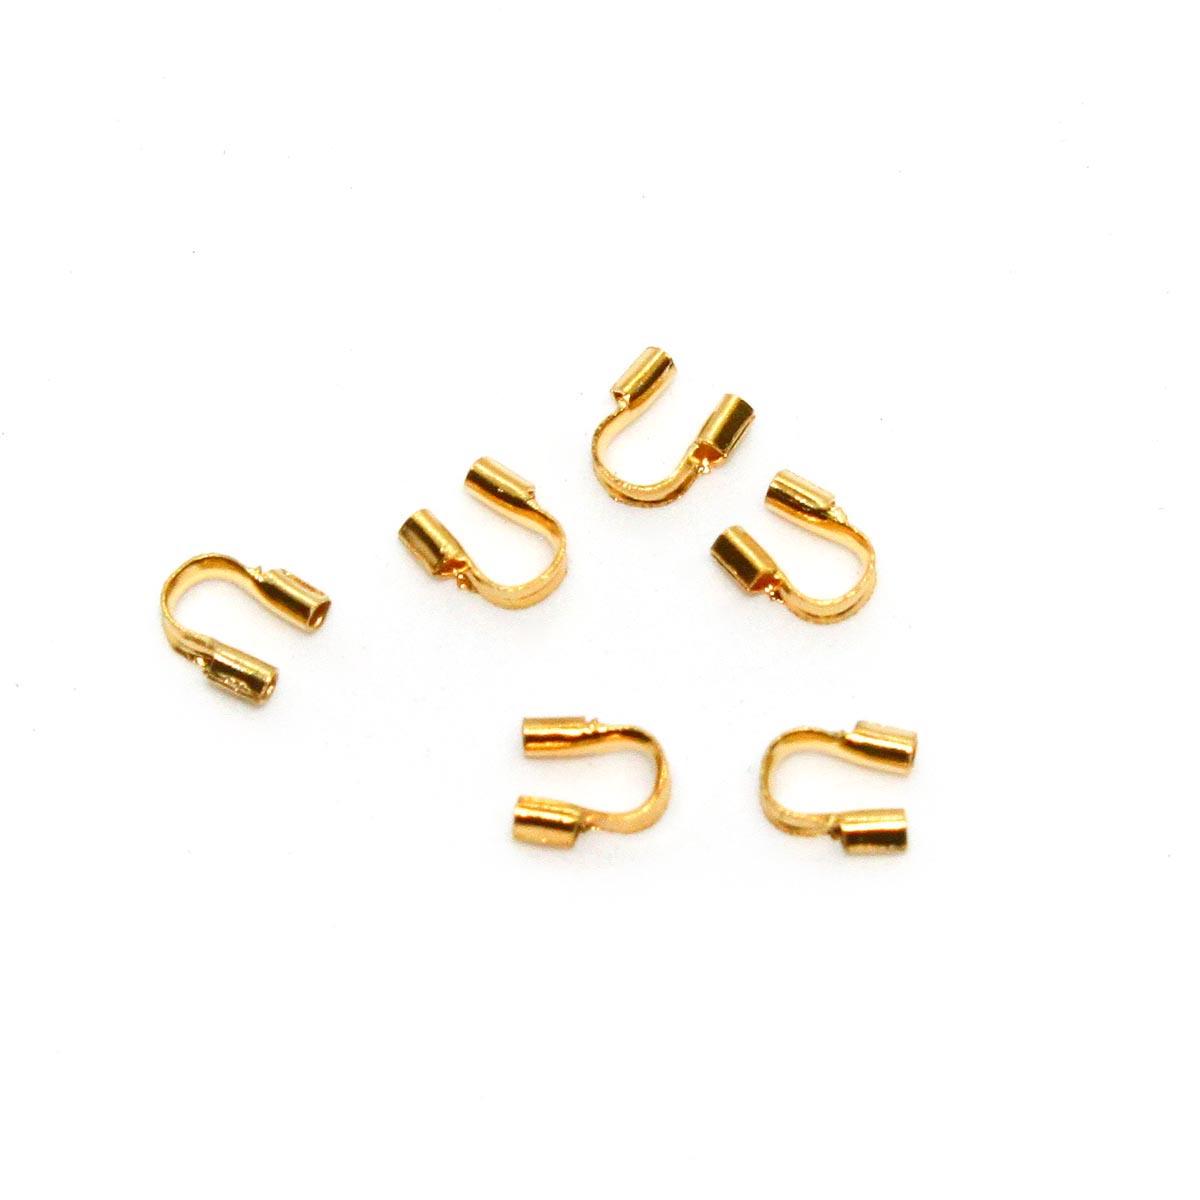 4AR222 Протектор для защиты тросика, 10шт/упак, Астра